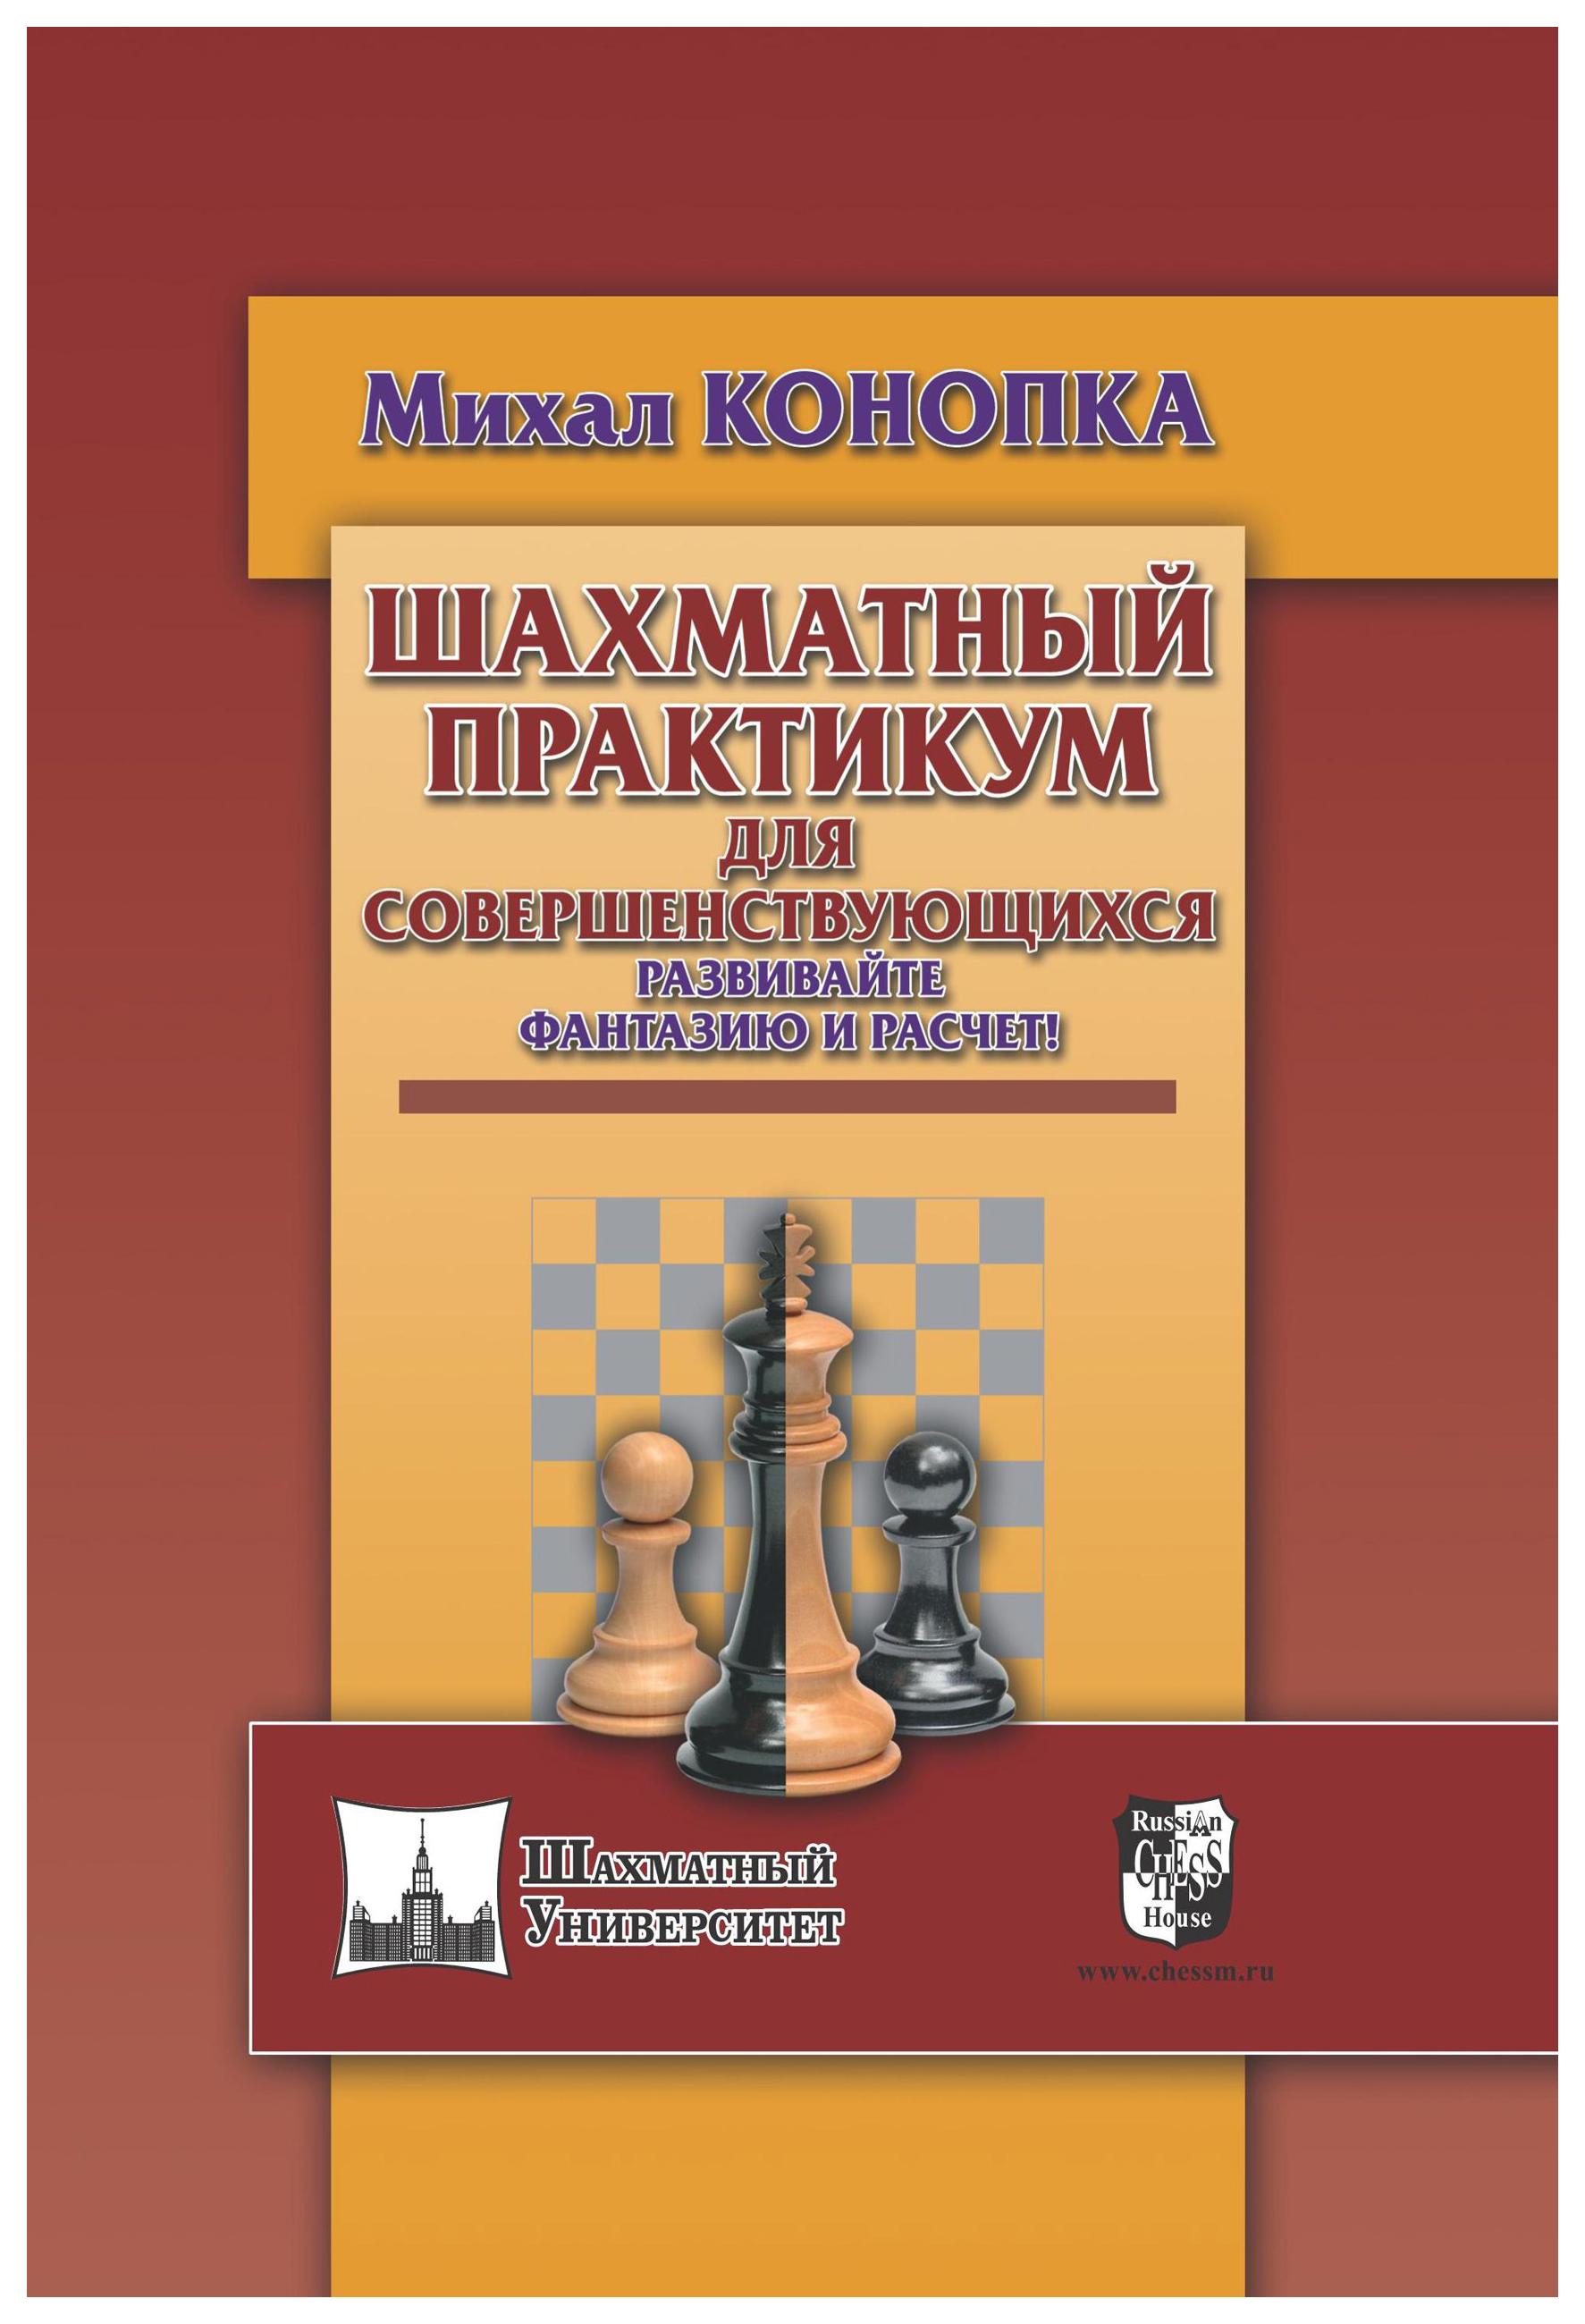 Шахматный практикум для совершенствующихся. Развивайте фантазию и расчет! фото